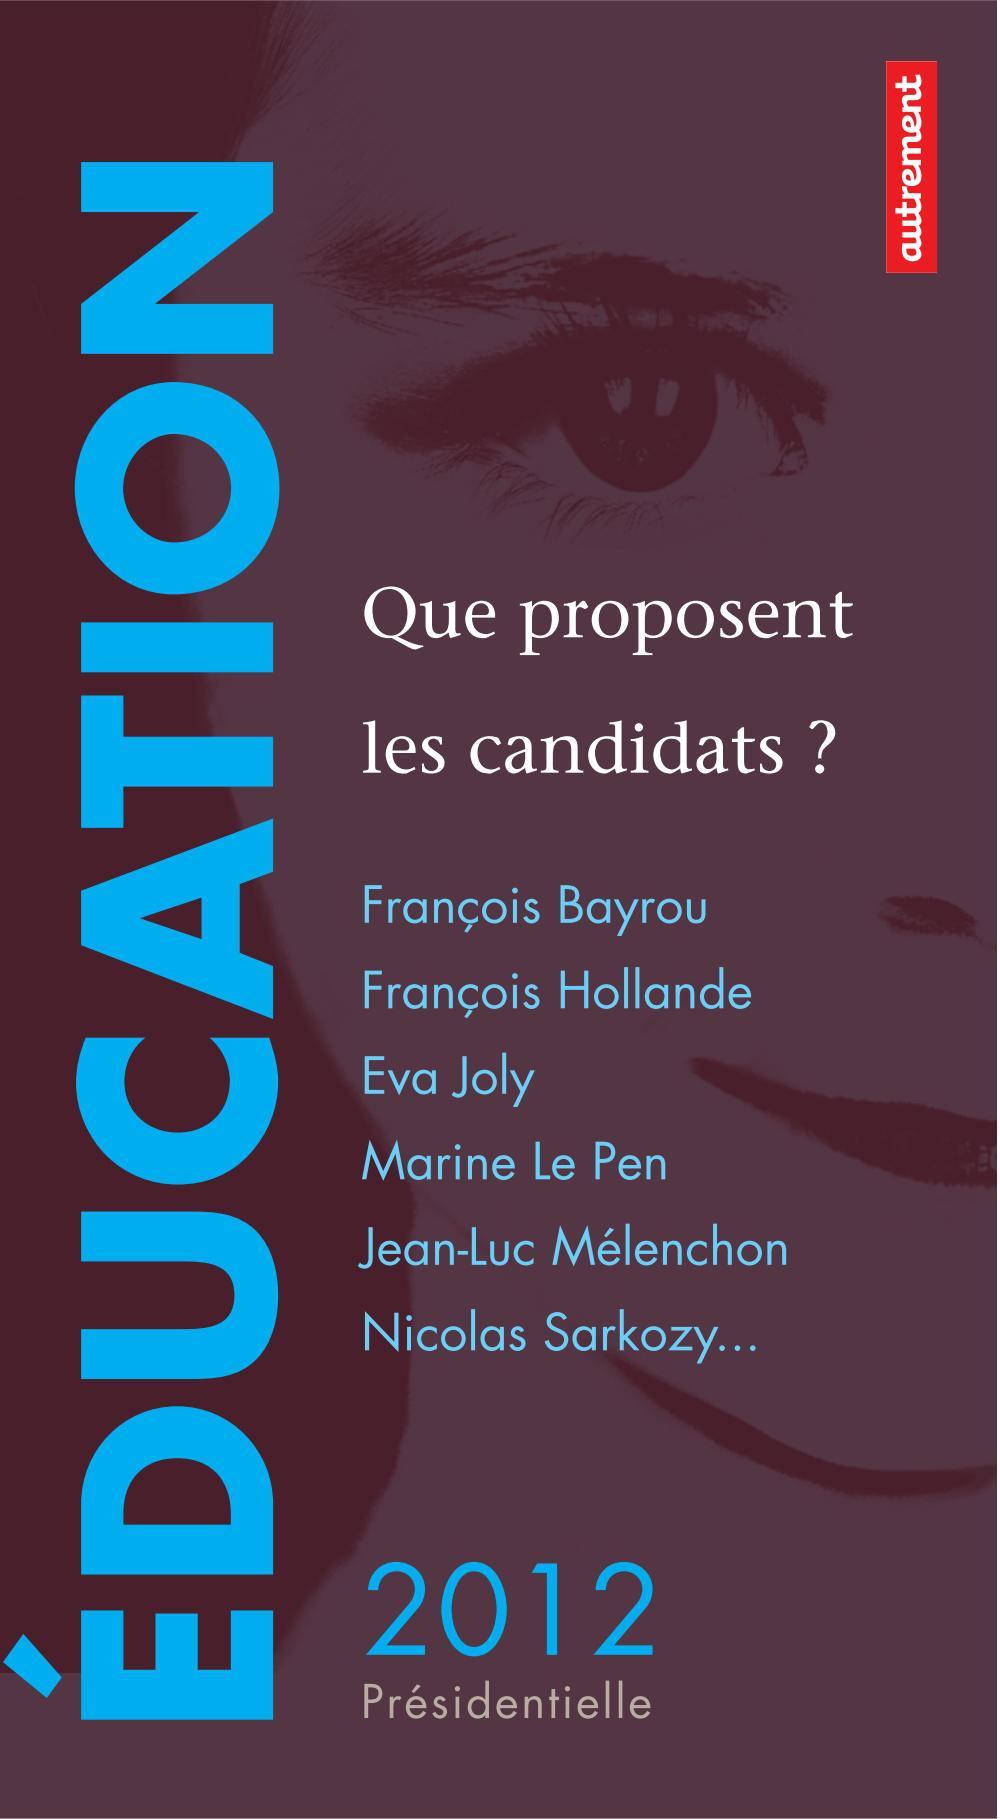 Éducation : que proposent les candidats ?, FRANÇOIS BAYROU, FRANÇOIS HOLLANDE, EVA JOLY, MARINE LE PEN, JEAN-LUC MÉLENCHON, NICOLAS SARKOZY...